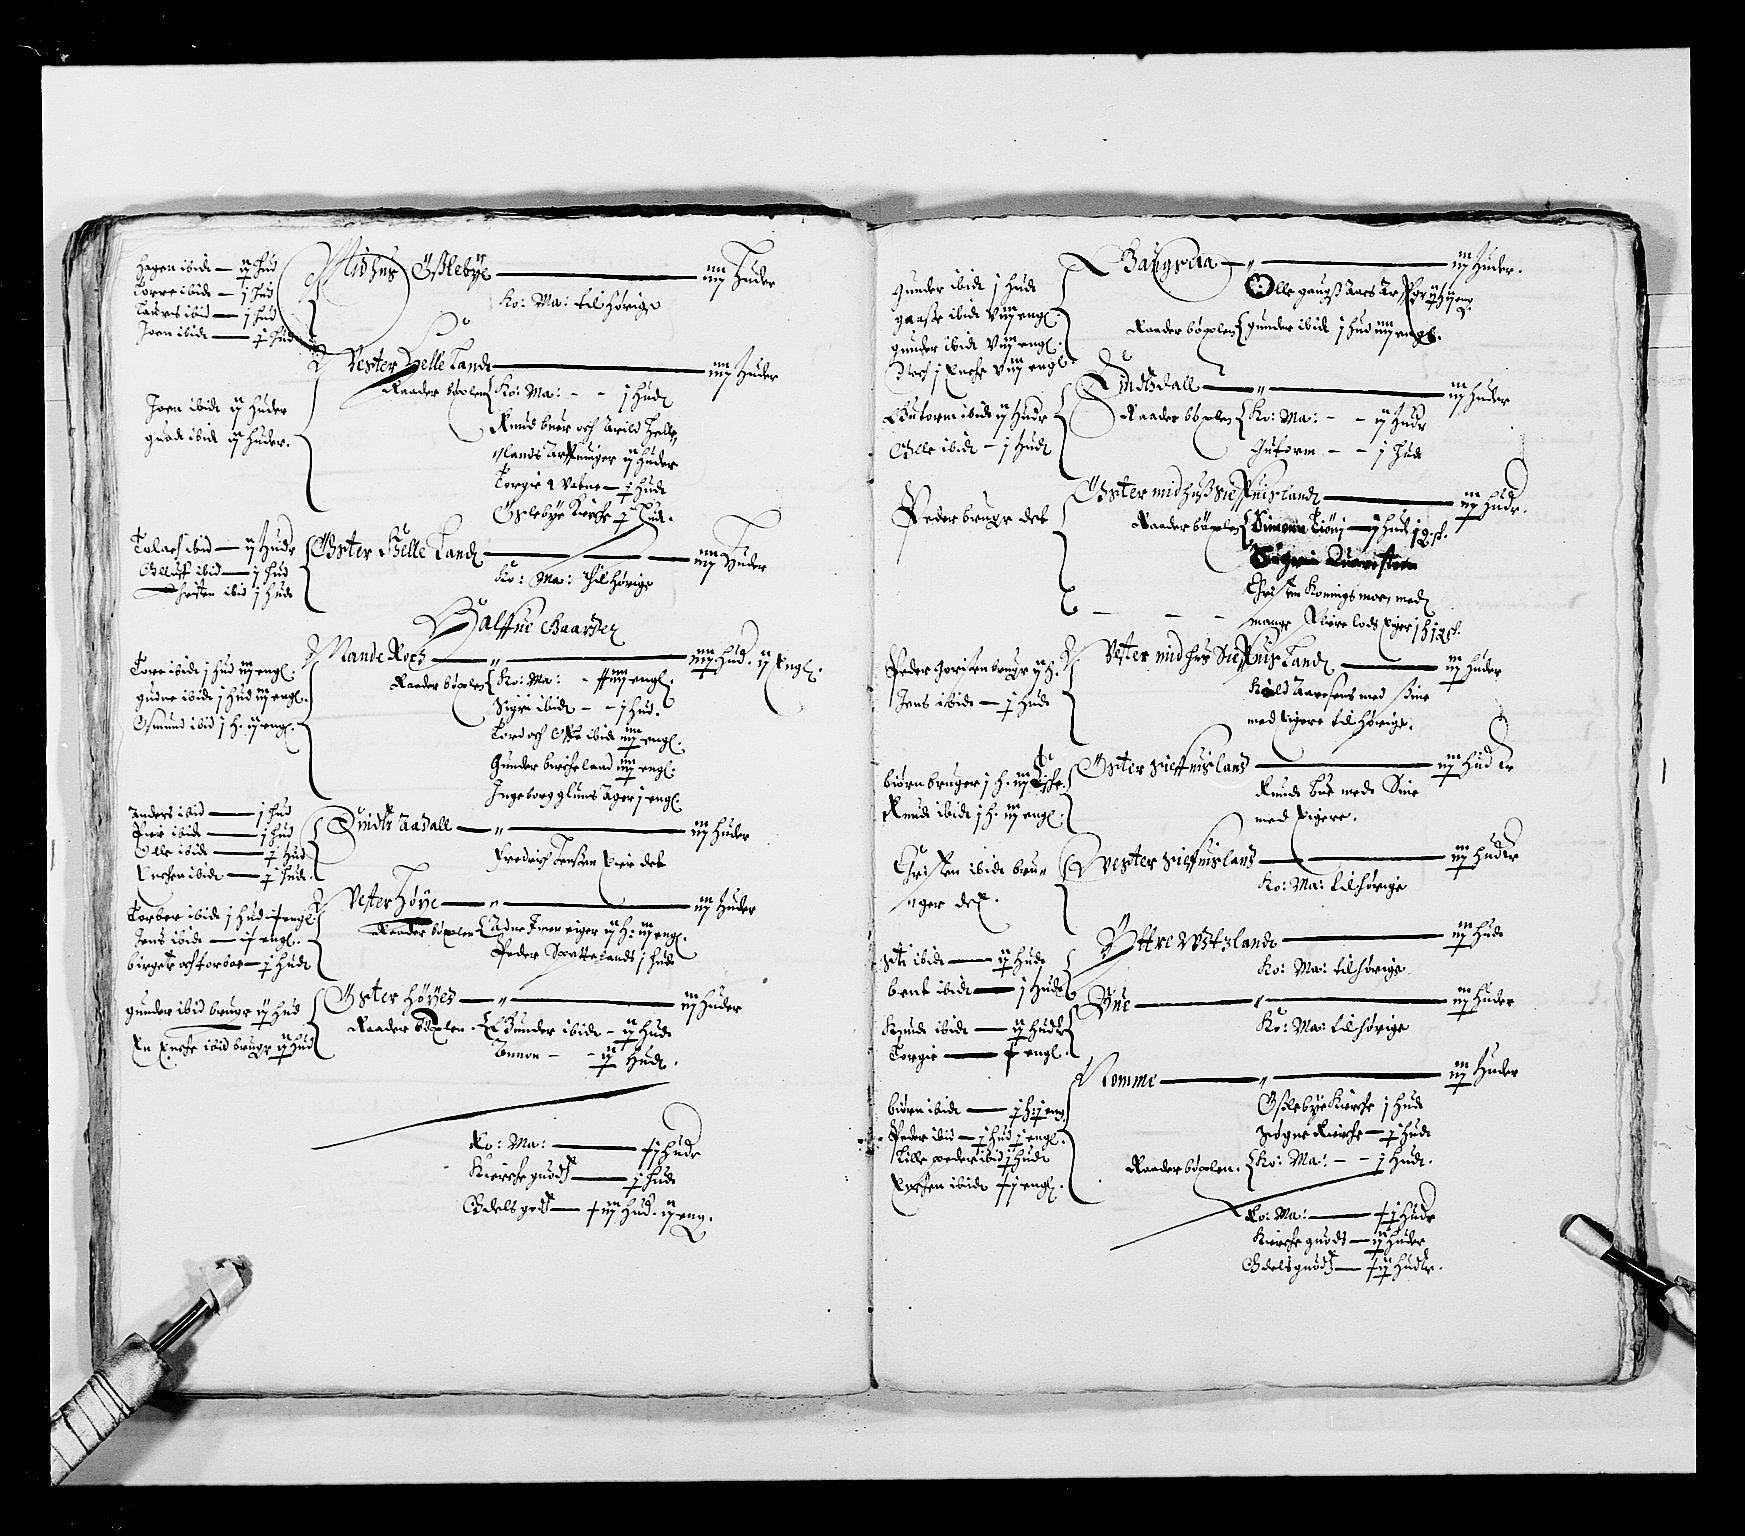 RA, Stattholderembetet 1572-1771, Ek/L0023: Jordebøker 1633-1658:, 1648-1649, s. 61